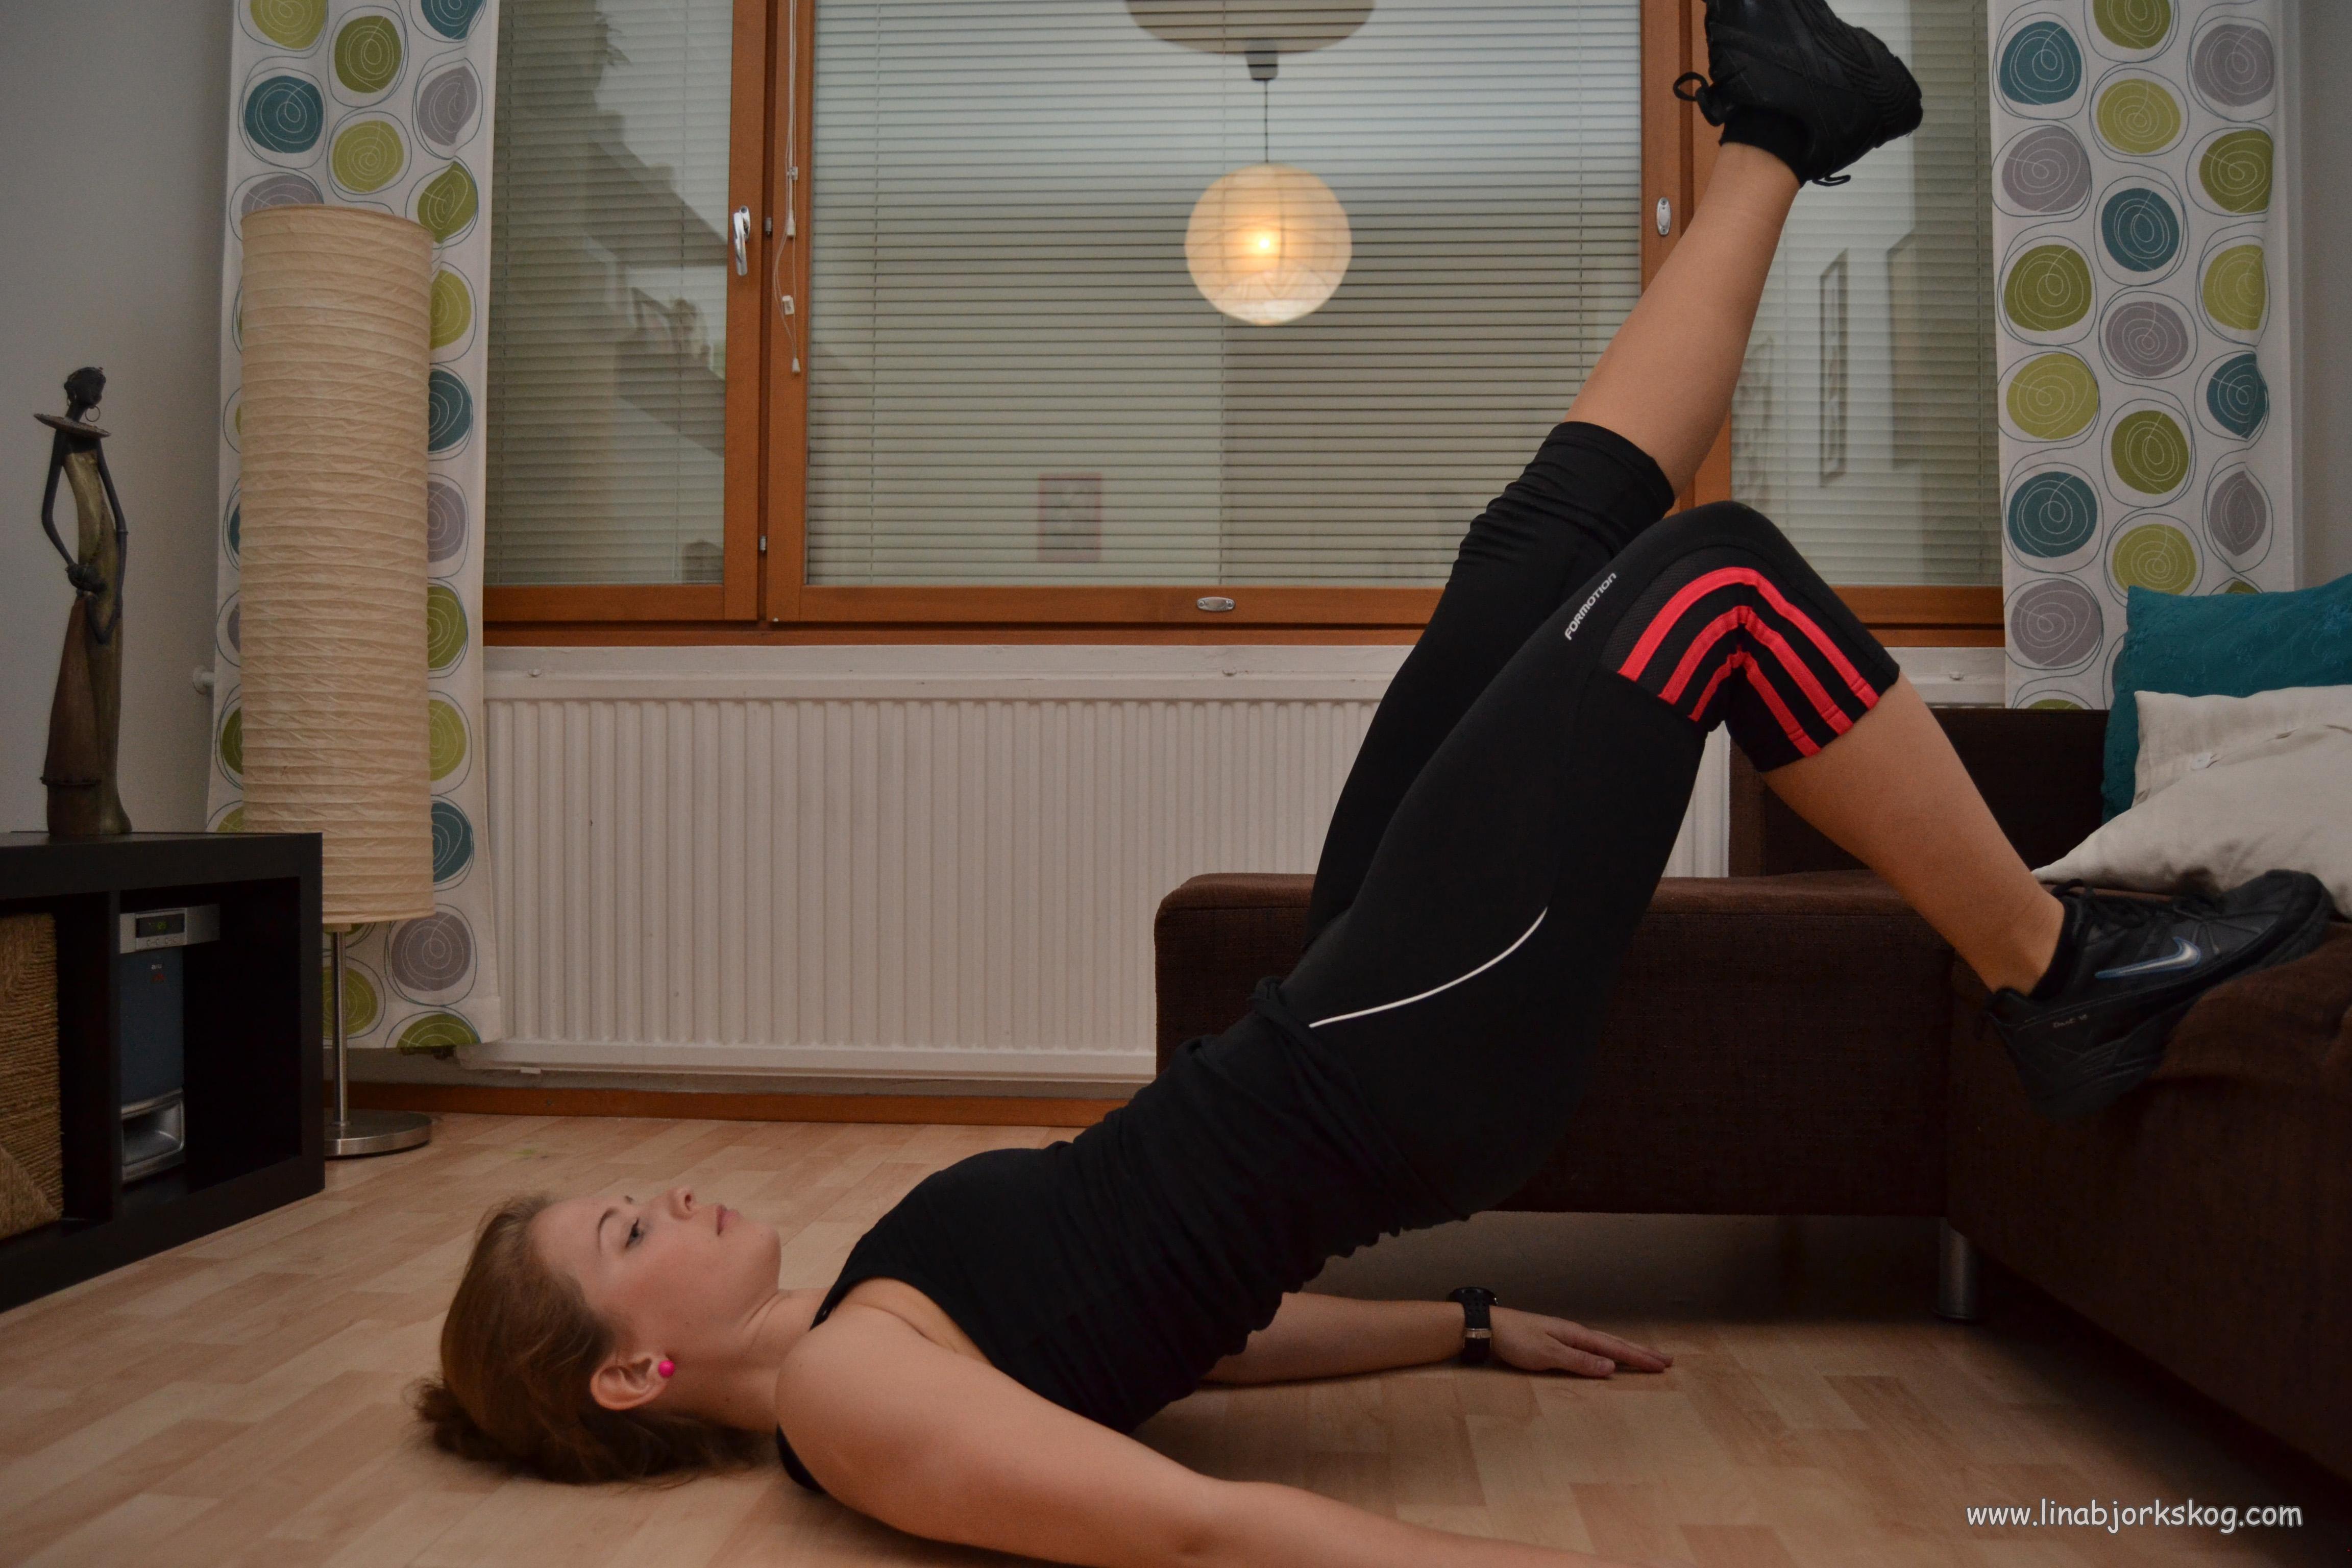 Träna styrketräning hemma Tufft hemmaträningsprogram utan vikter